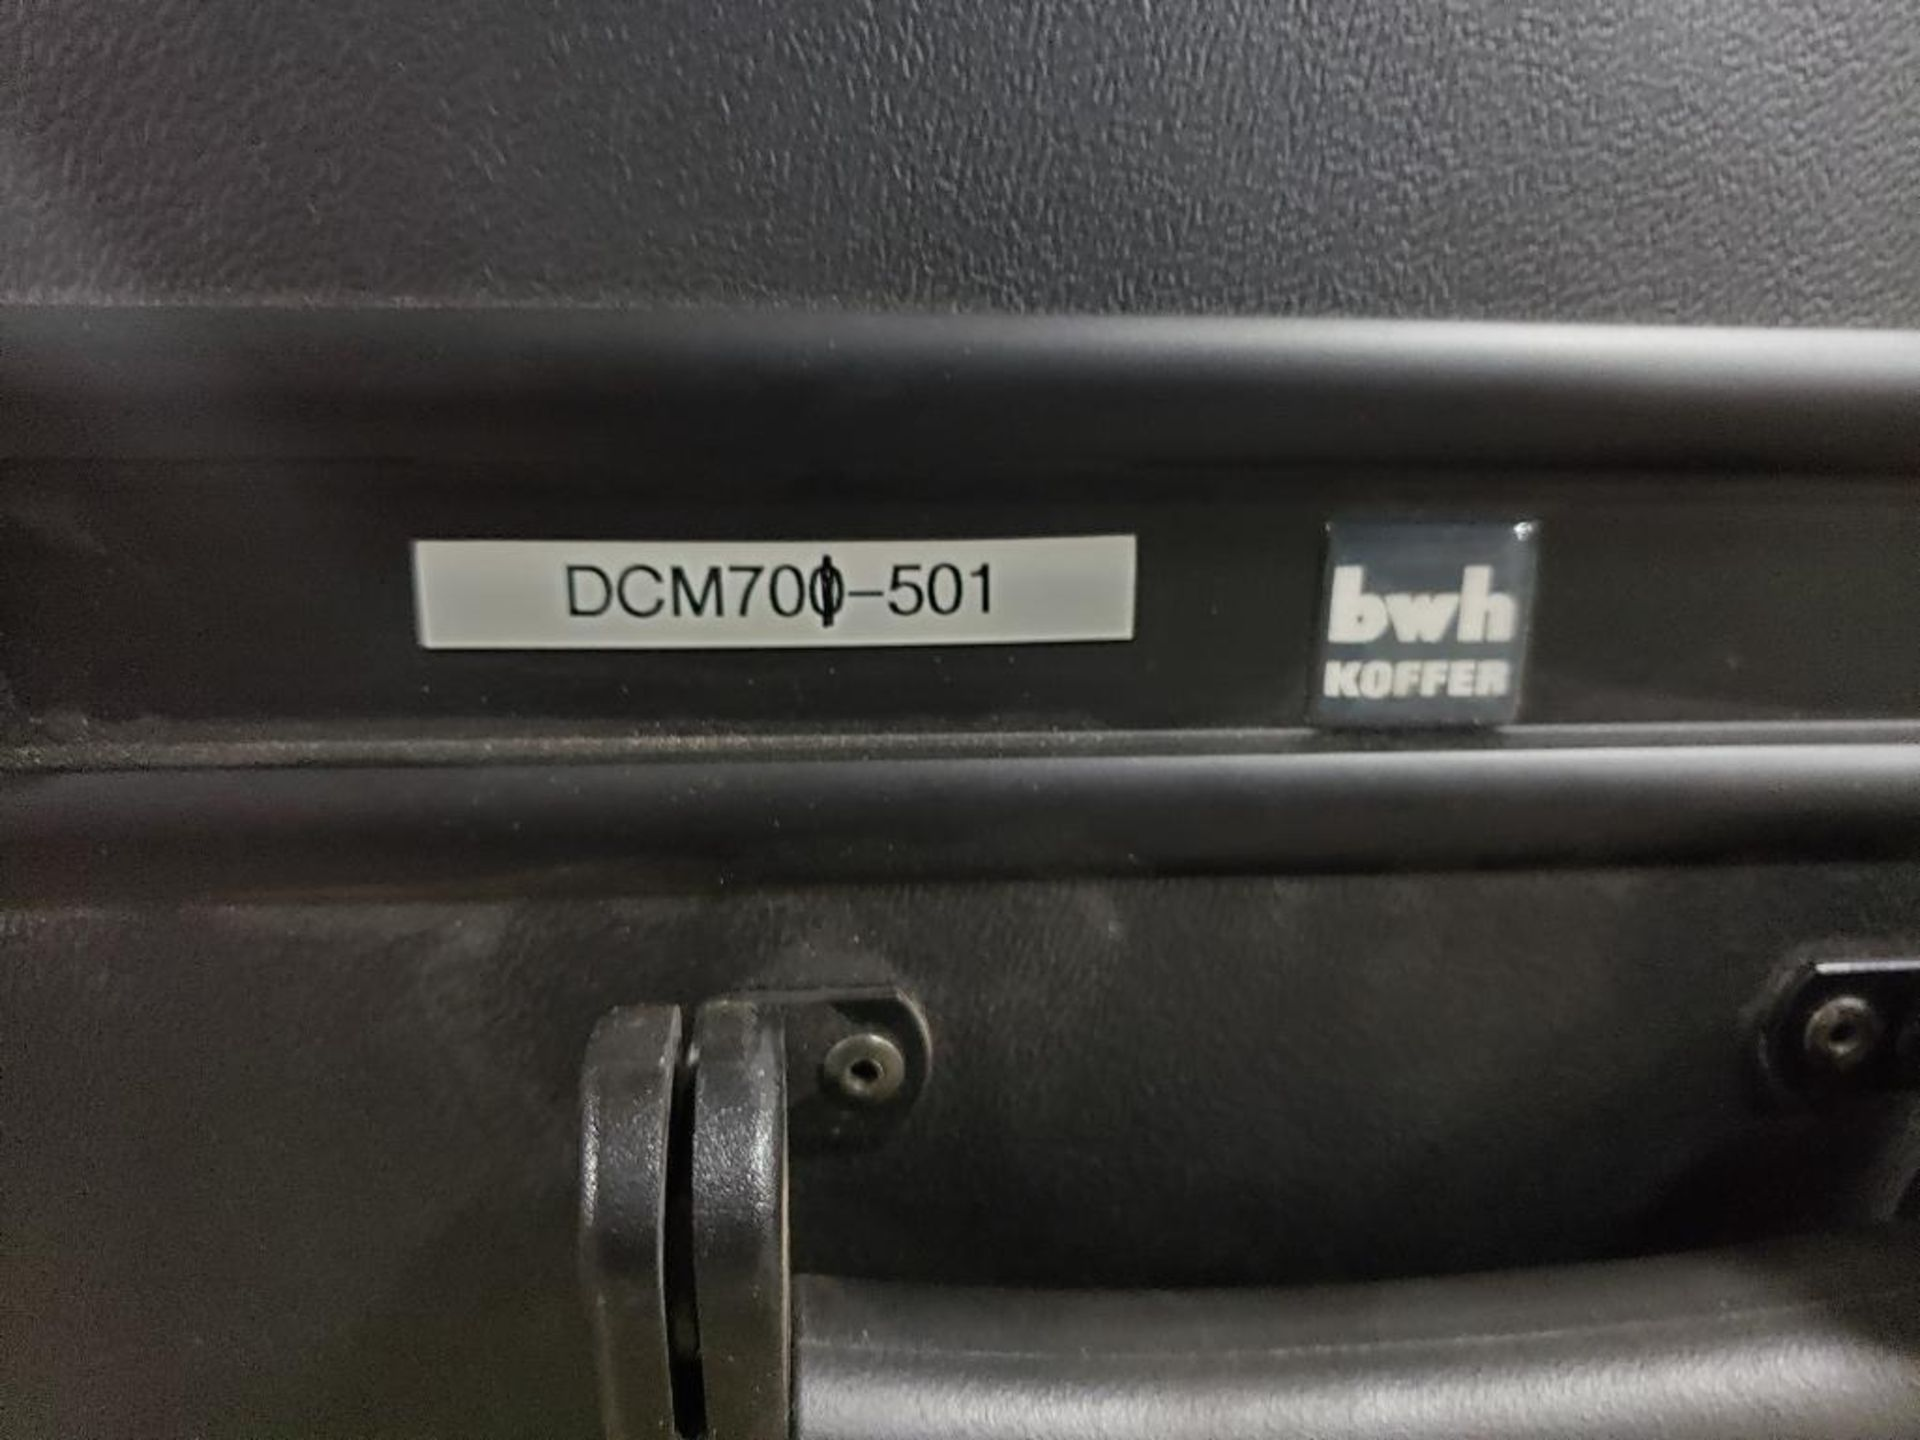 Travel test diagnostic Emerson drive unit. Emerson control Techniques DCM700. Unidrive M701. - Image 2 of 21